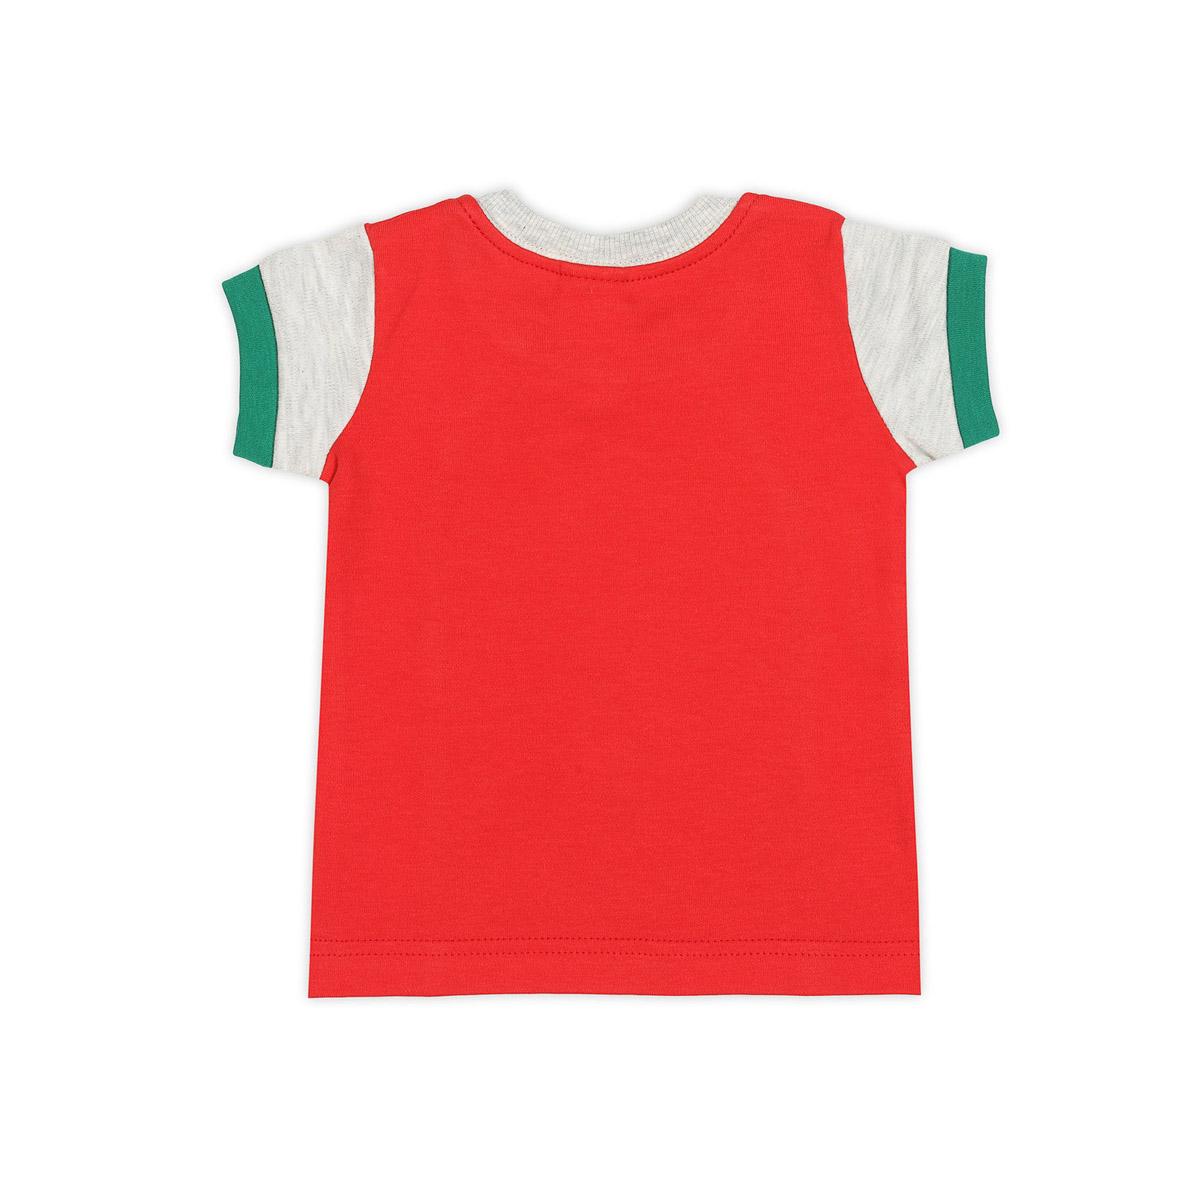 Футболка Ёмаё Хохлома (27-636) рост 68 светло серый меланж с красный